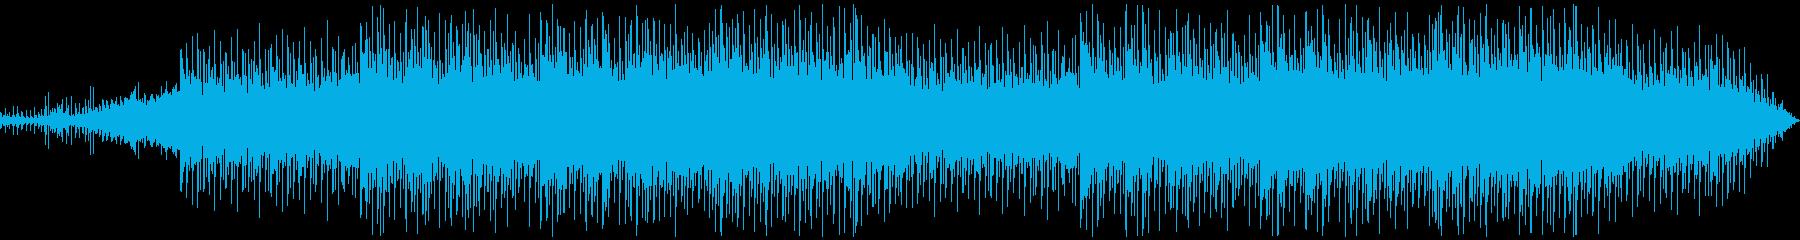 イントロから15秒で激しく始まるBGMの再生済みの波形